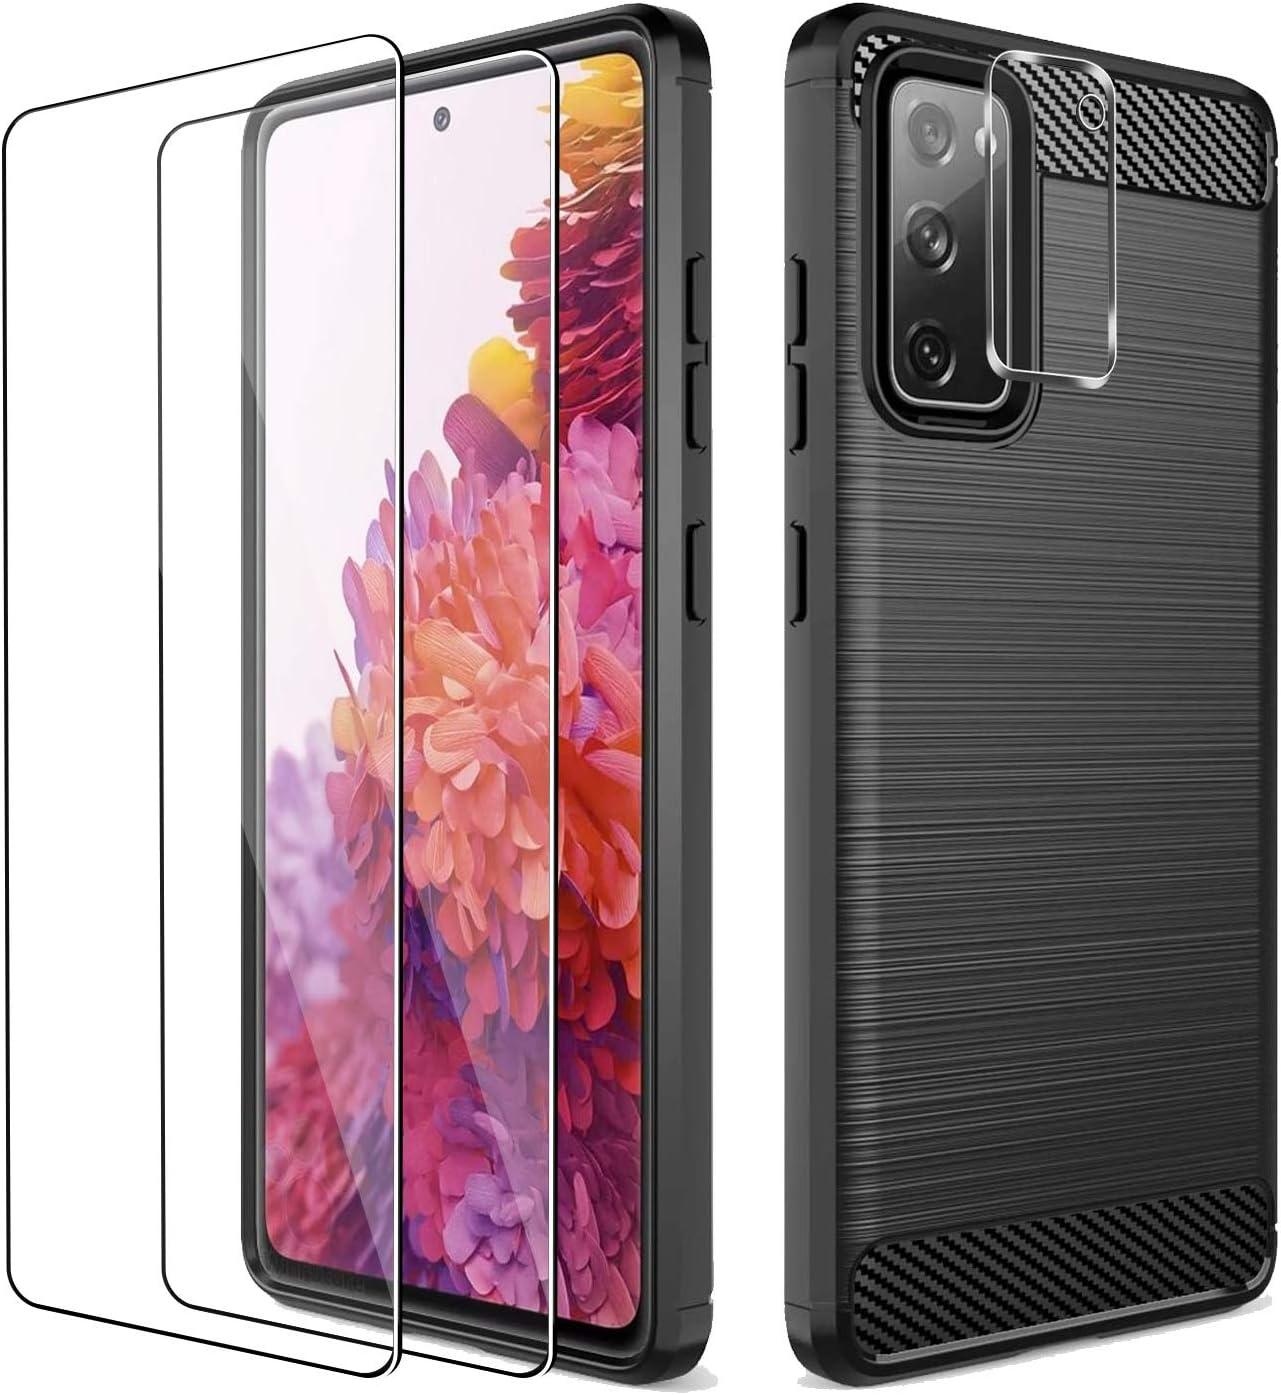 Funda y vidrios protectores para Samsung Galaxy S20 FE 5G